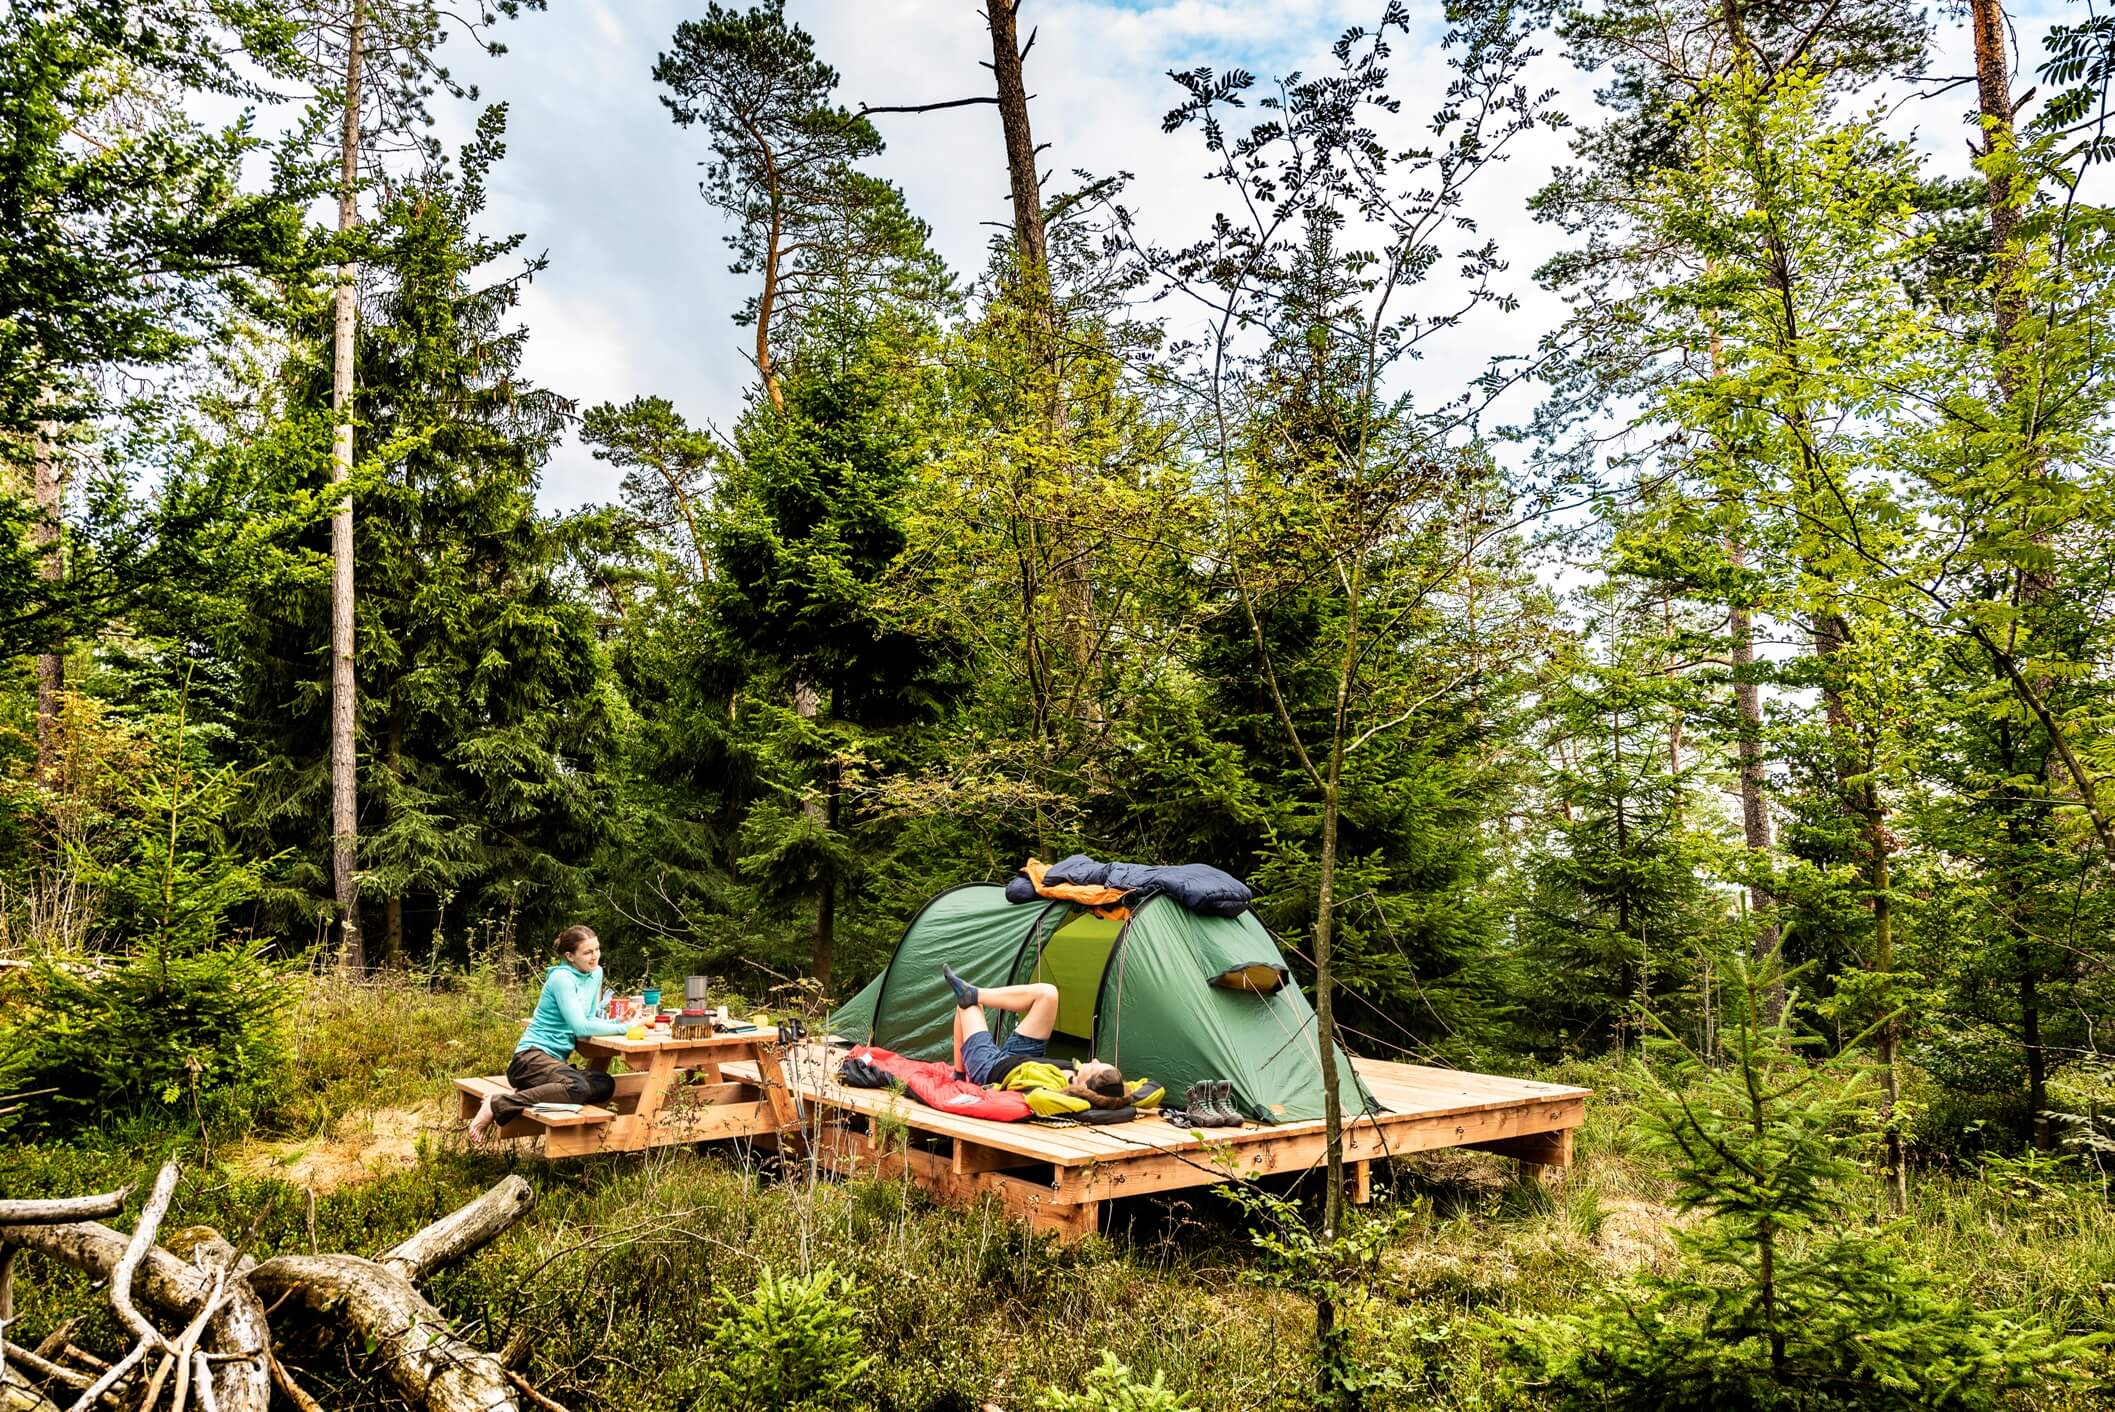 Naturlagerplatz für Wanderer in der Eifel